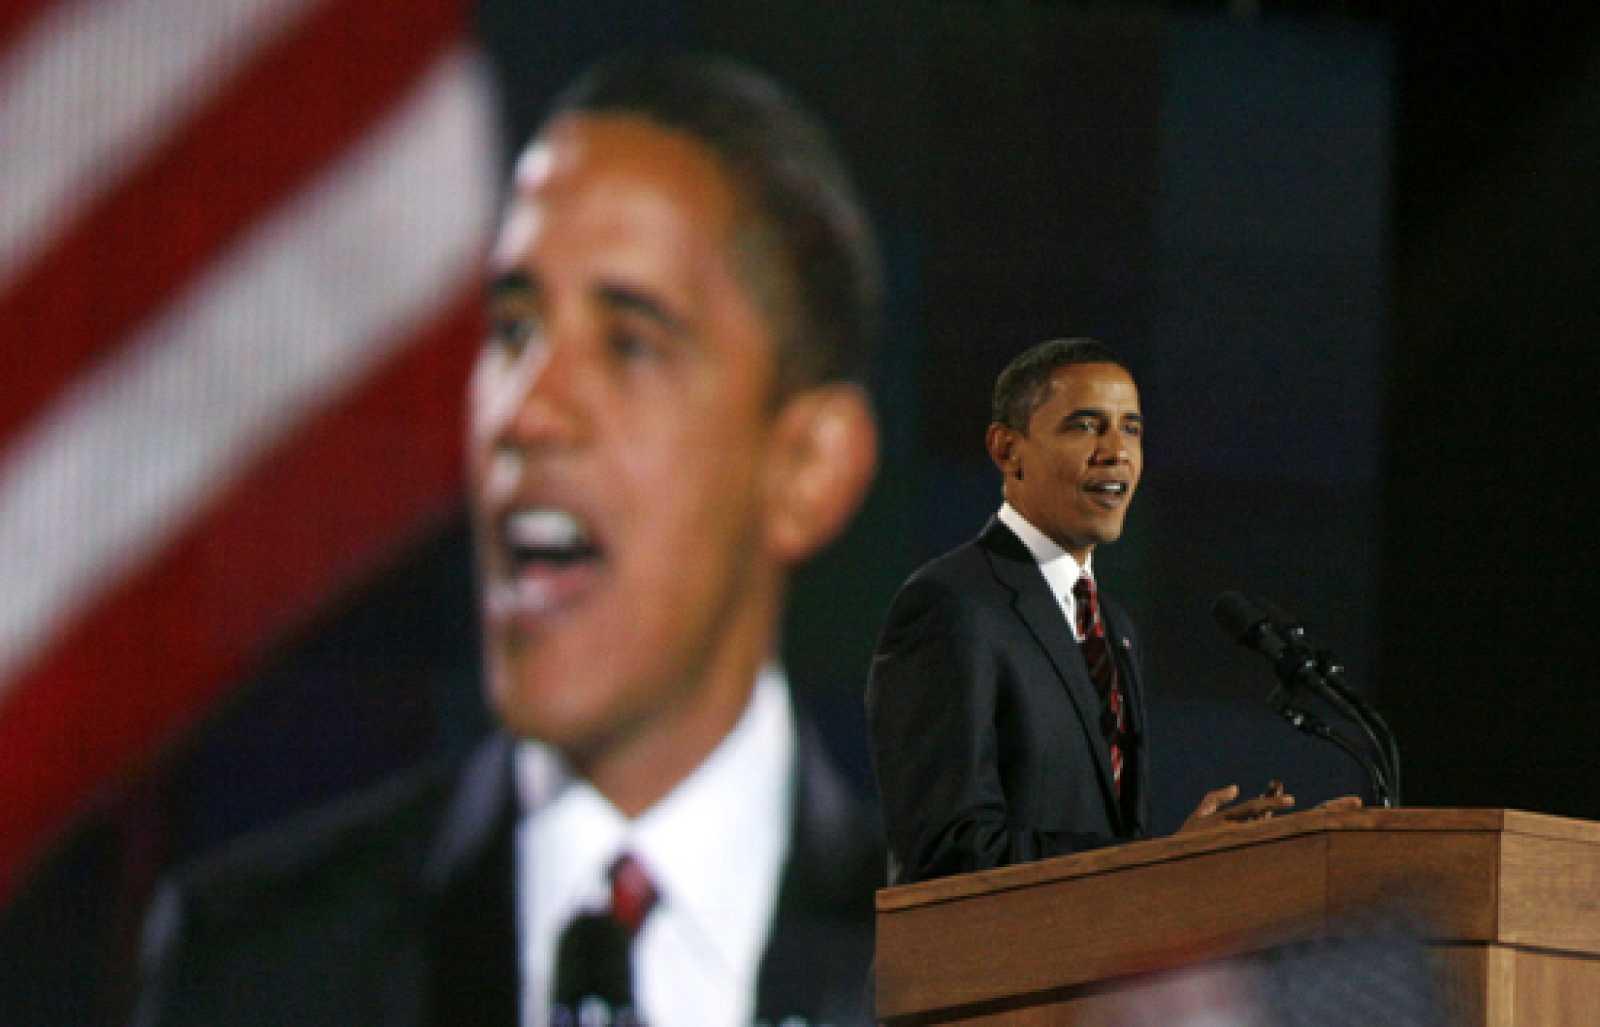 Primer discurso de Barack Obama como presidente de EE.UU.